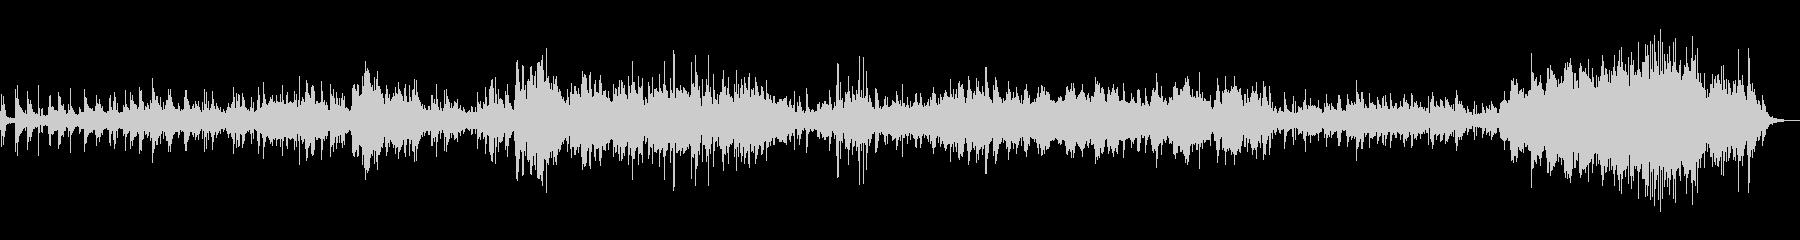 静かなギターとピアノのアンビエントの未再生の波形